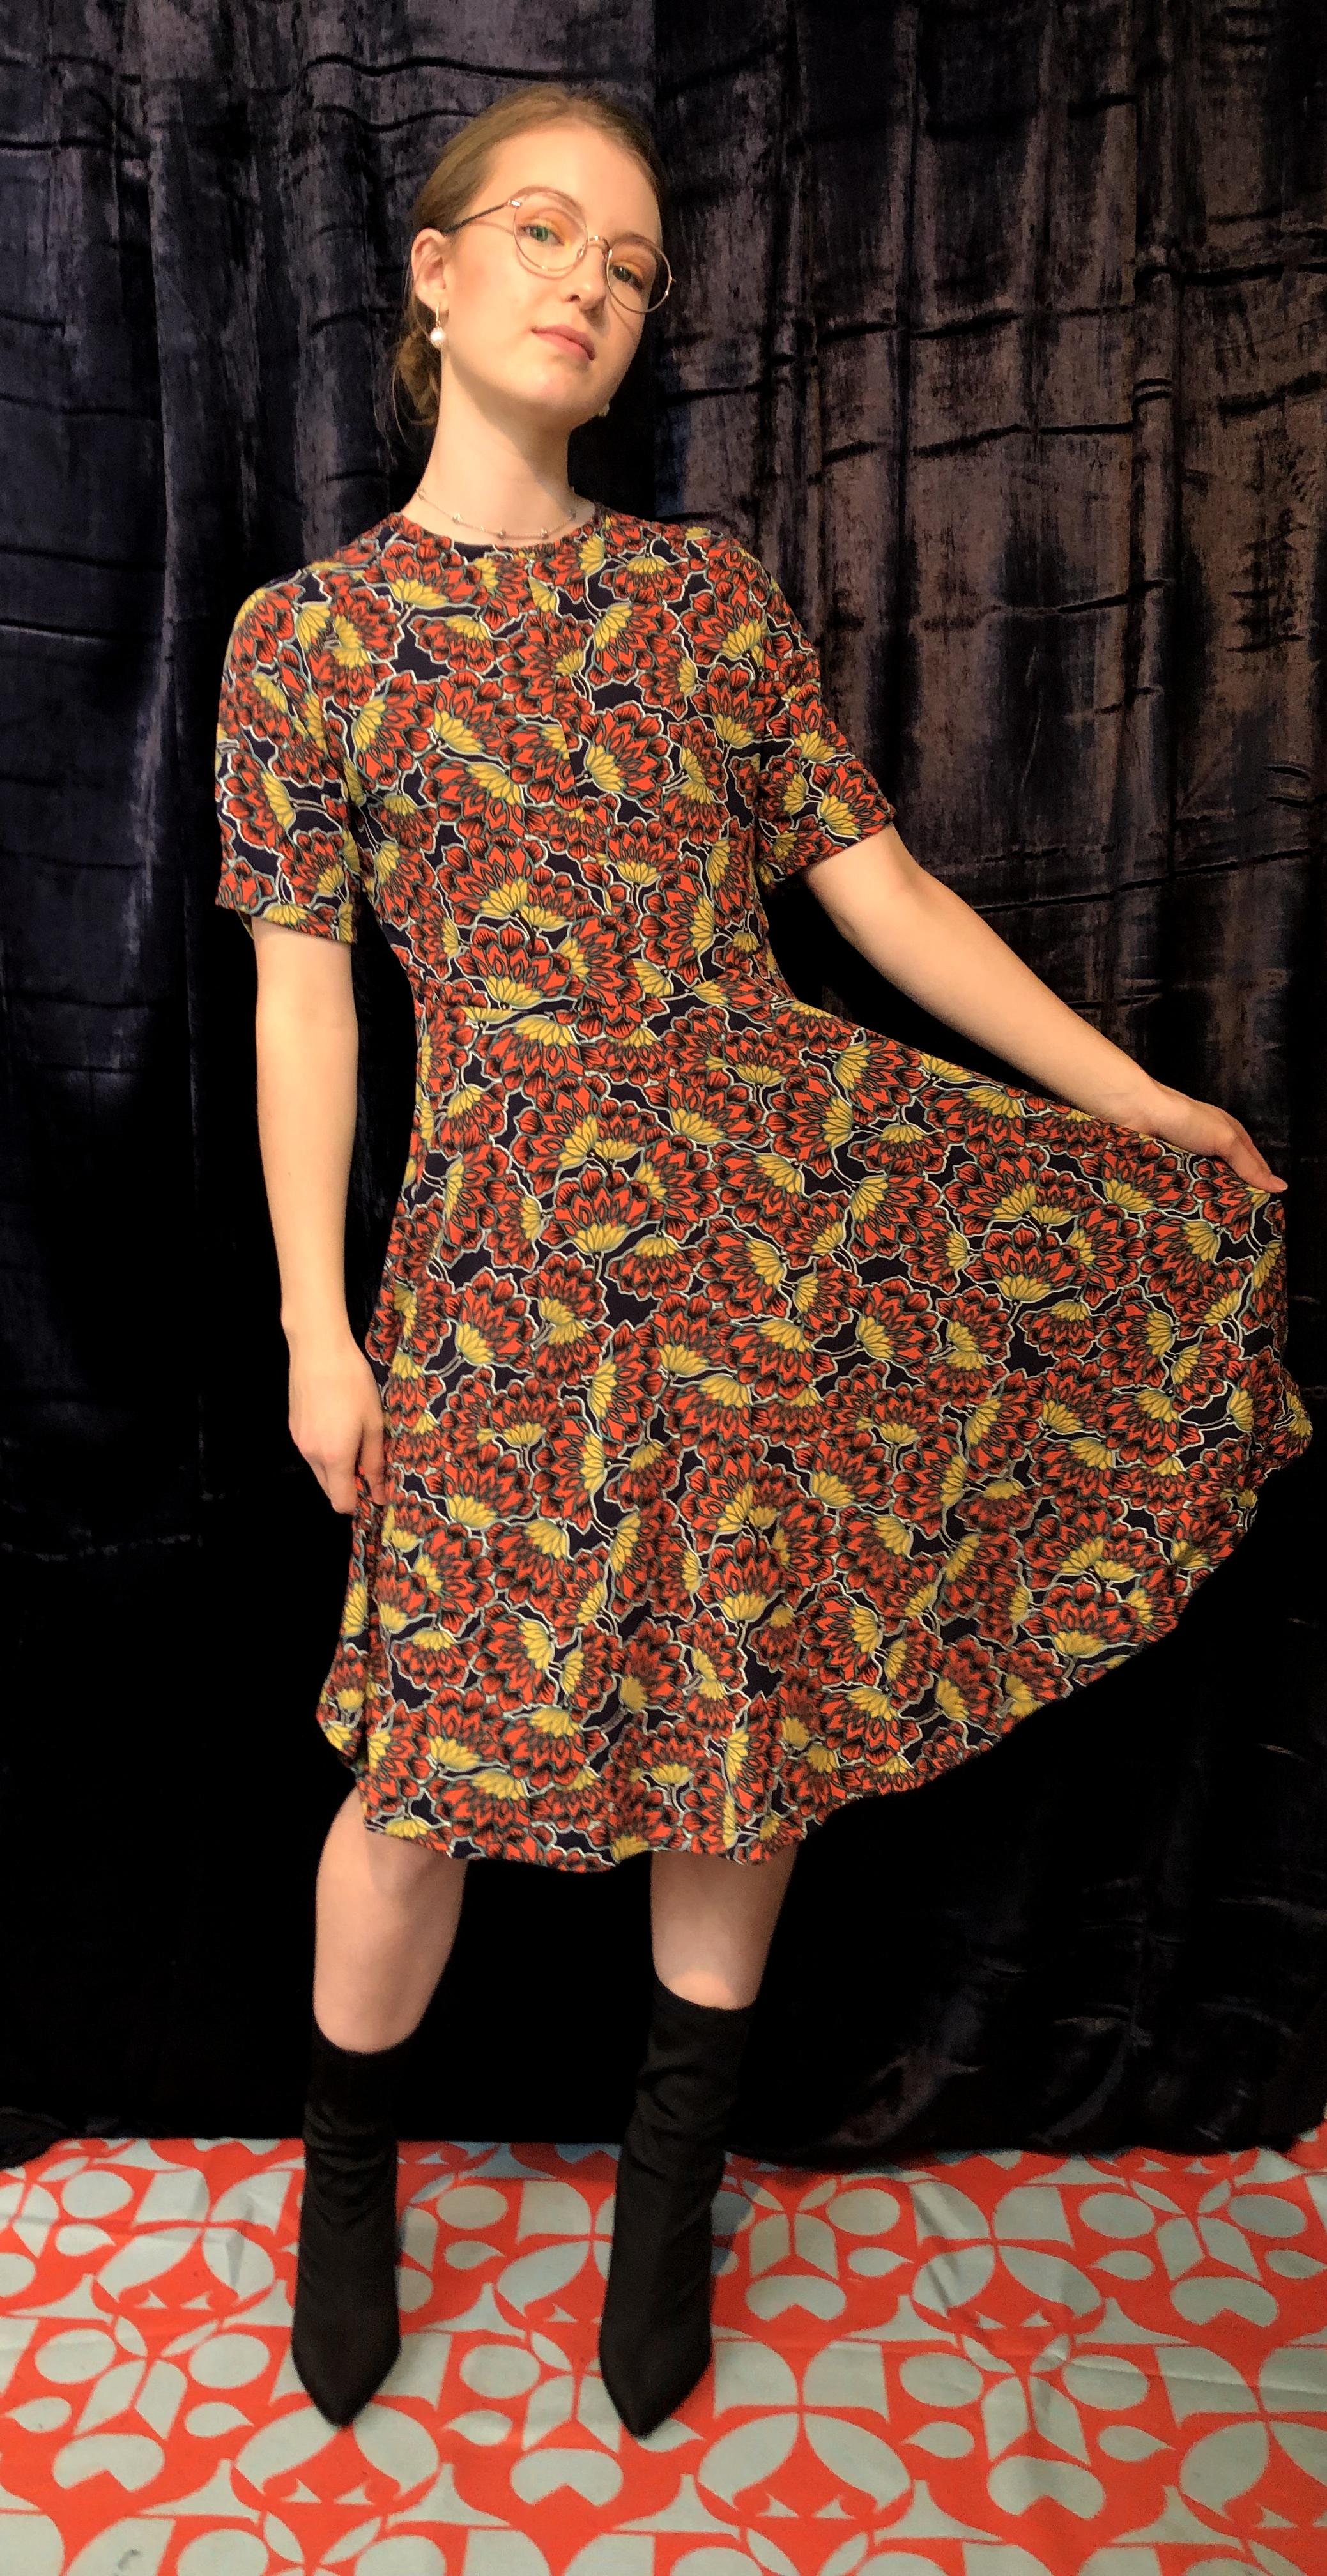 fav dress5.JPG